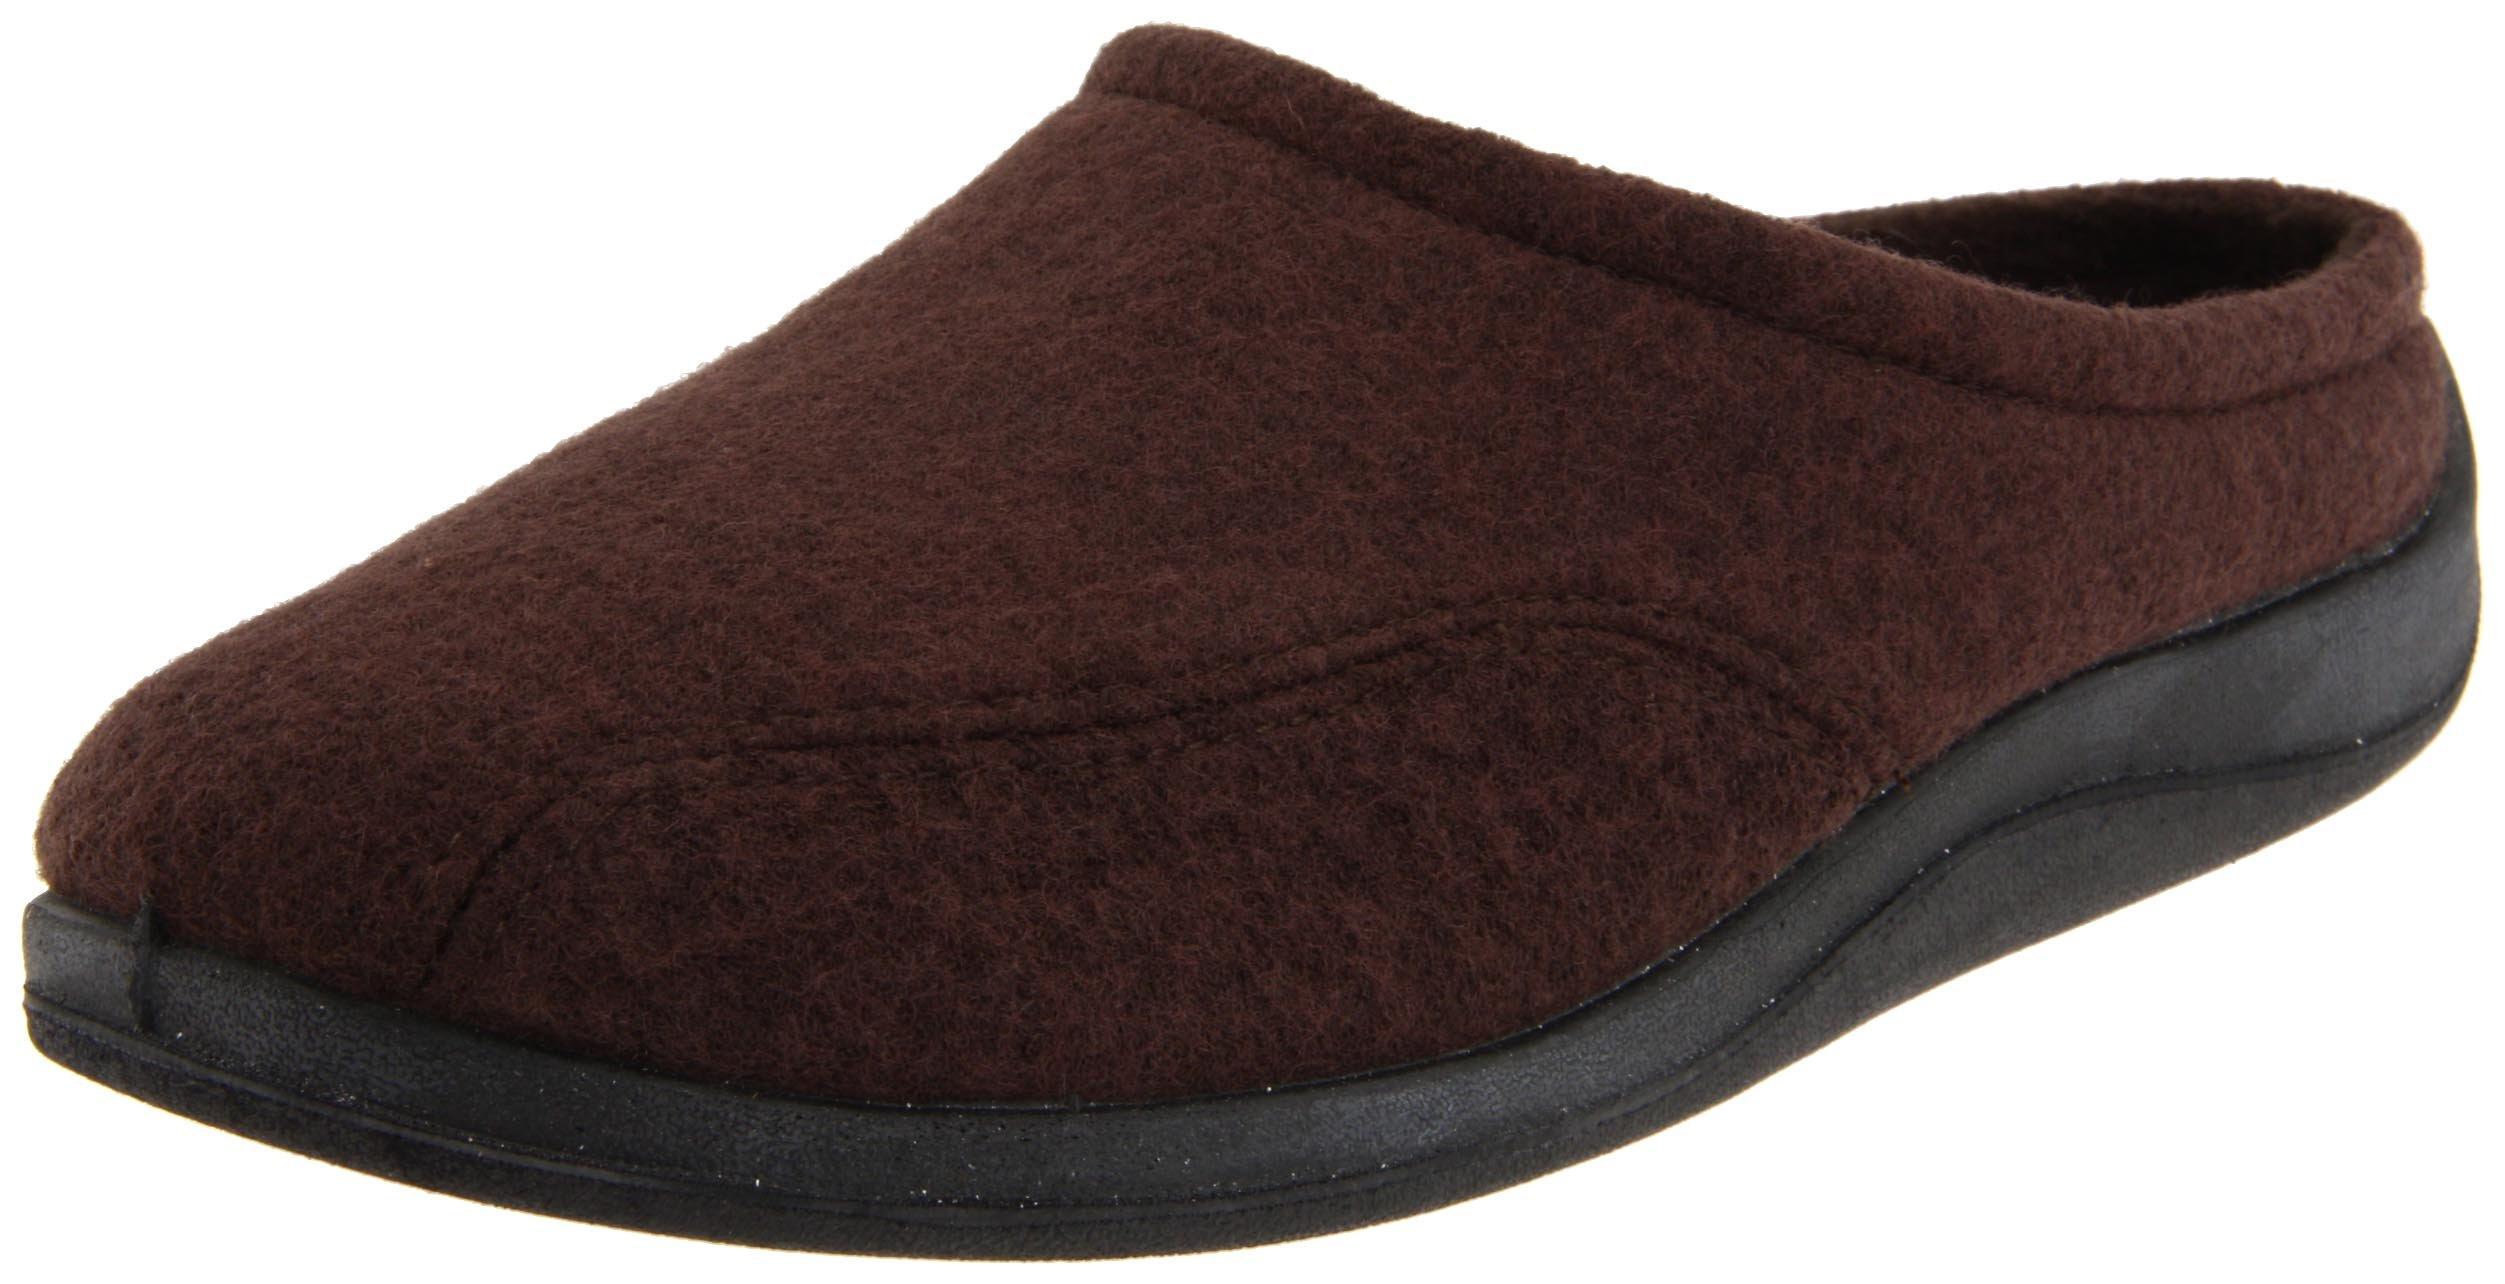 Foamtreads Tomas Closed Footwear,Brown Wool,9.5 M US